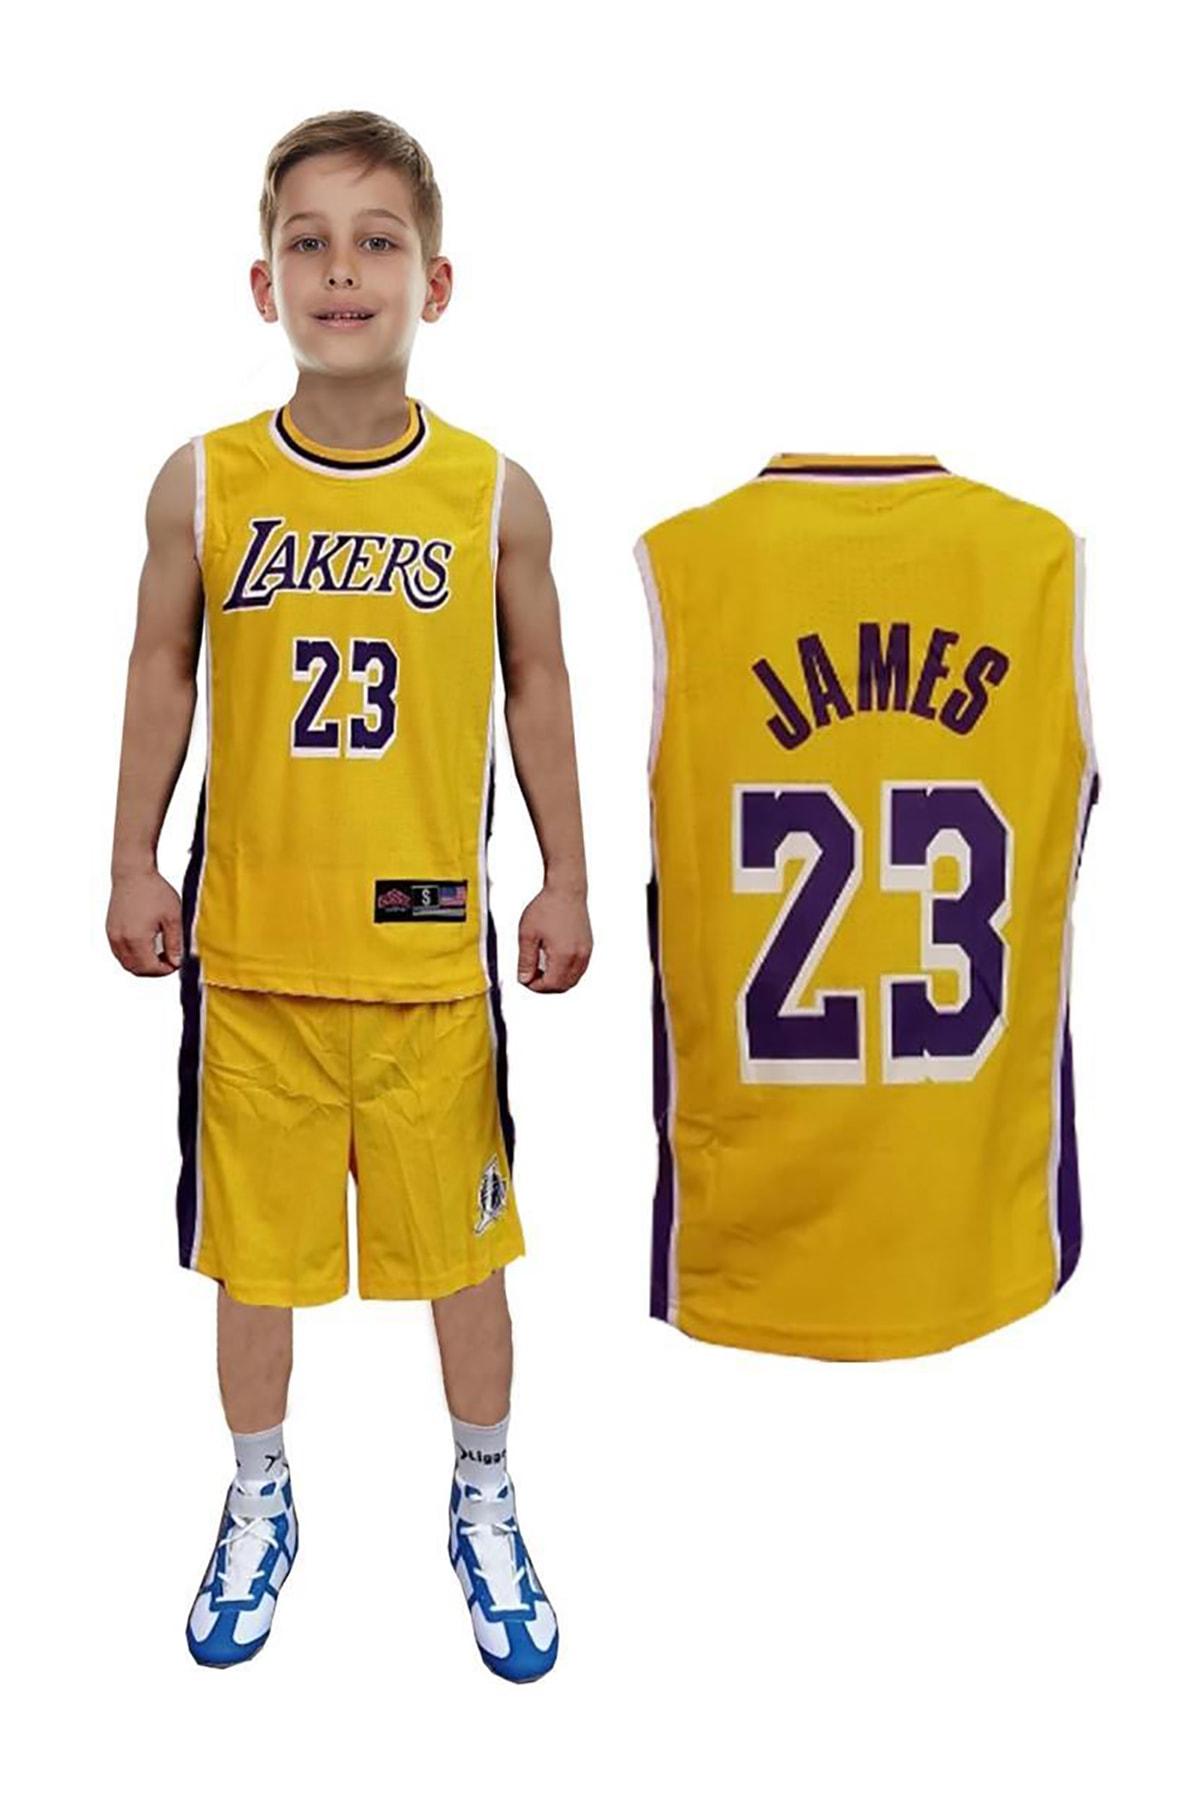 Liggo Lakers Lebron James Çocuk Basketbol Forma Şort Takımı